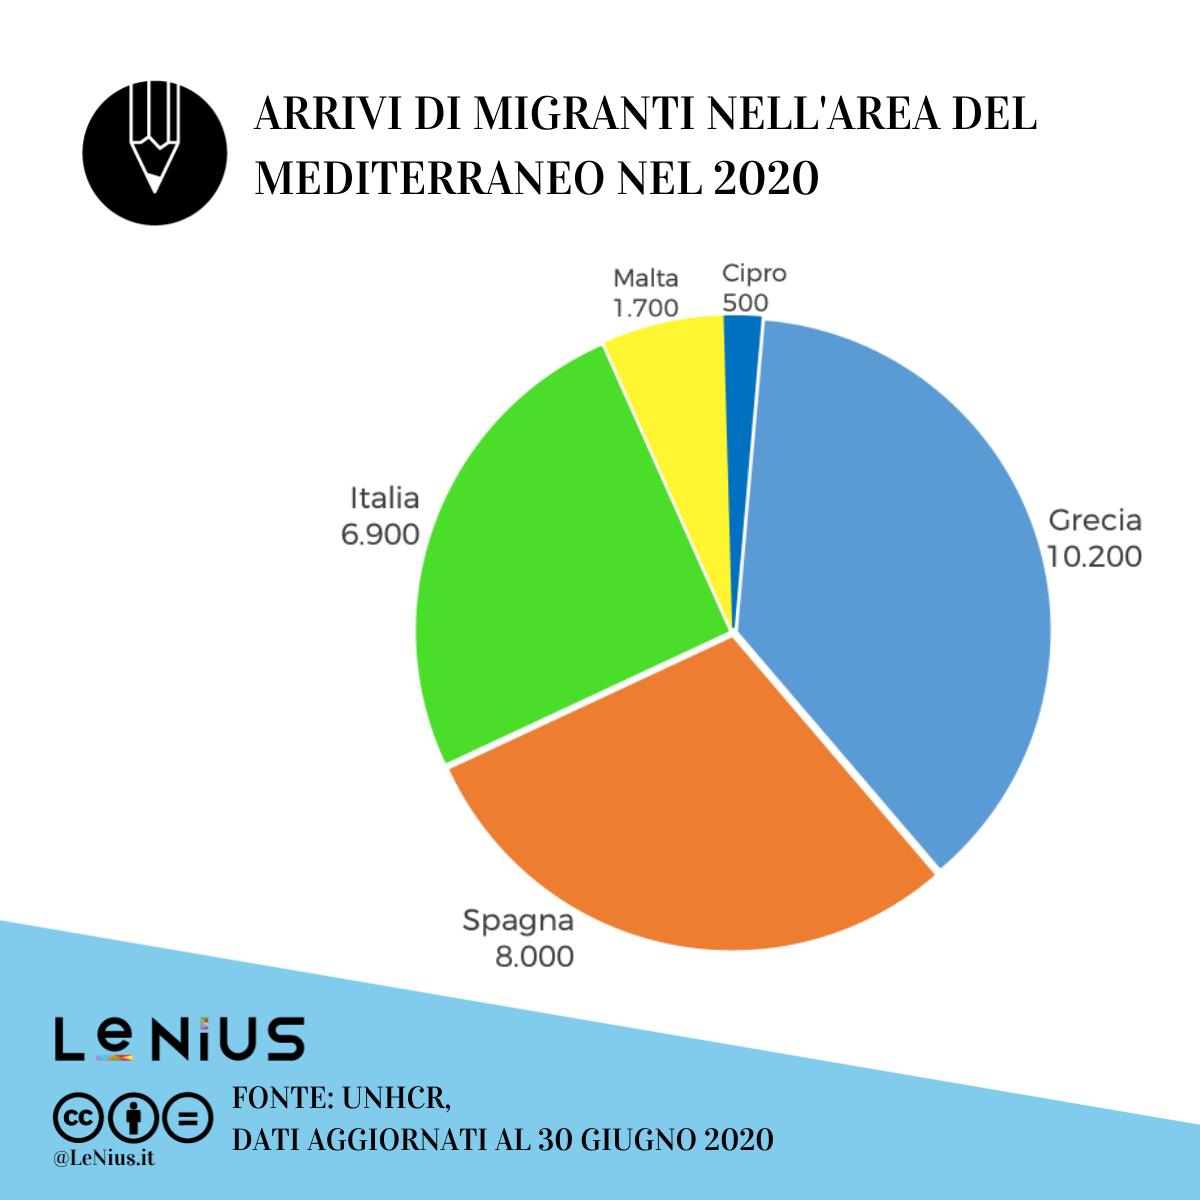 arrivi in europa a giugno 2020